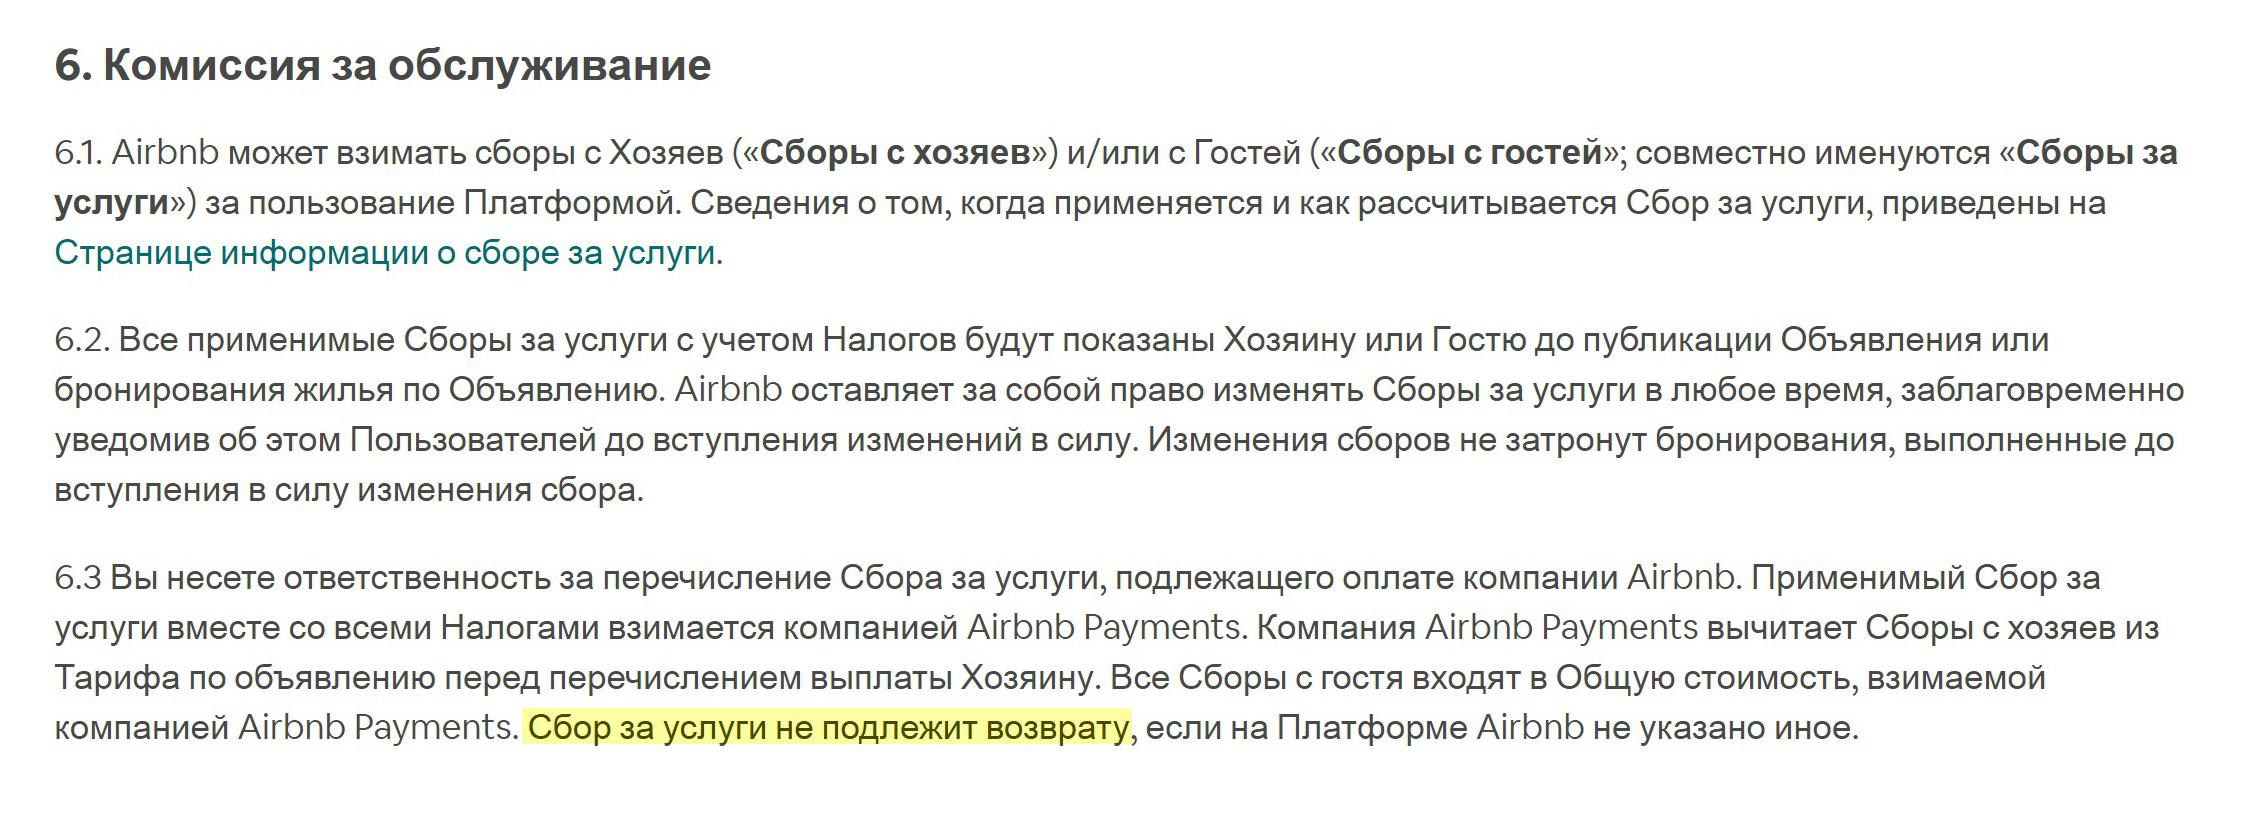 Условия работы Airbnb указаны на сайте. Комиссию они невозвращают